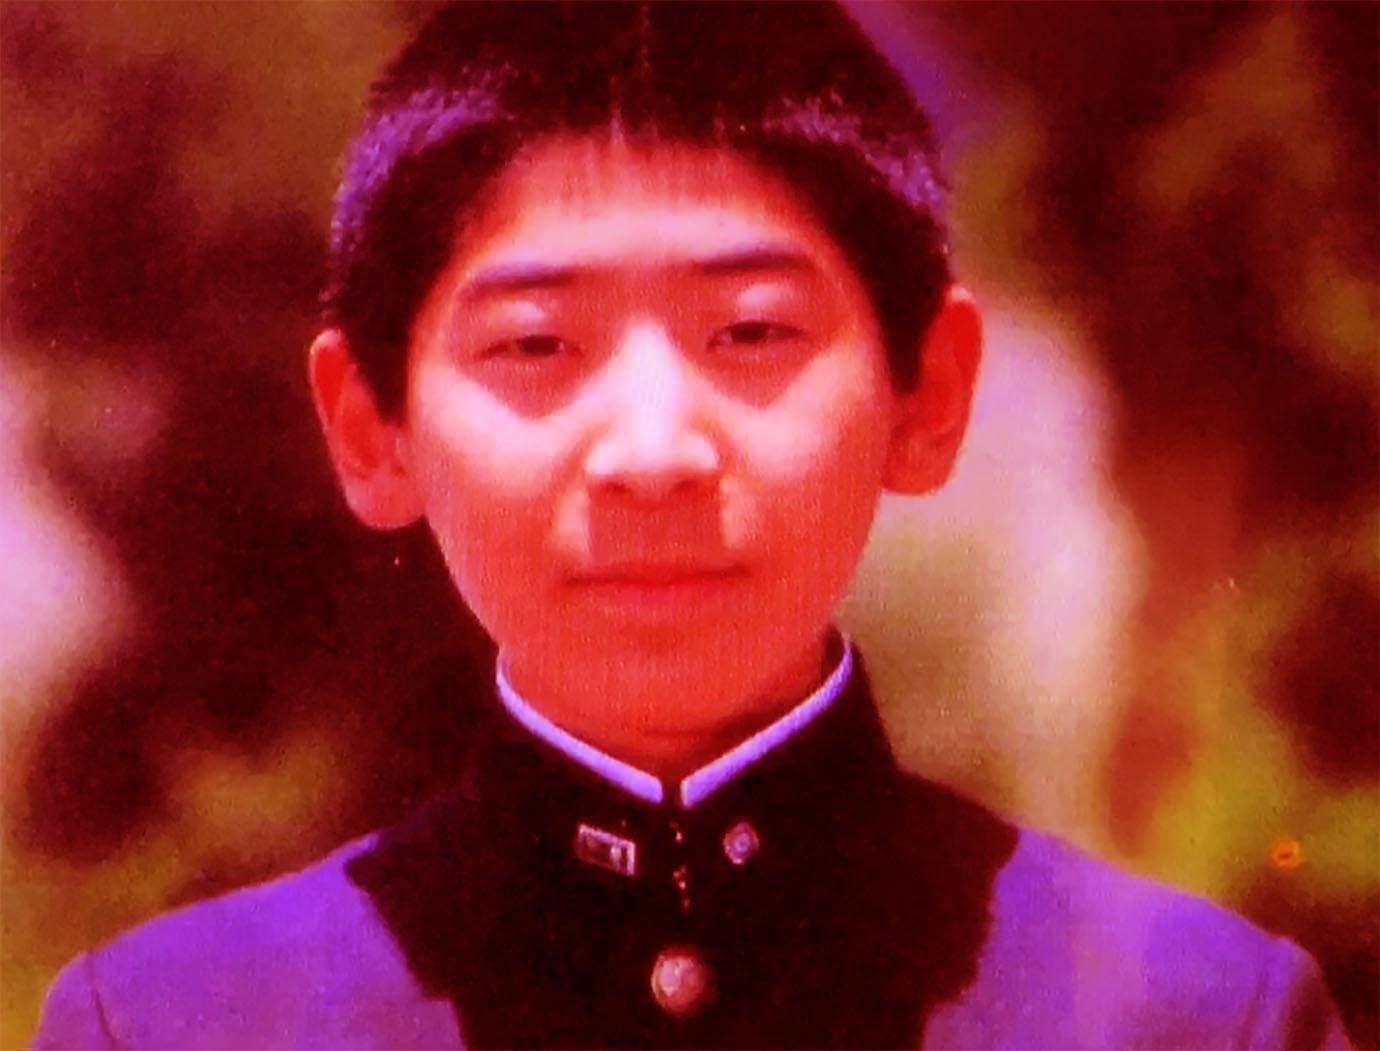 【ニュース速報】川崎死傷事件の岩崎隆一容疑者の自宅から大量殺人の本が発見される / 犯行の参考にしたか | バズプラスニュース